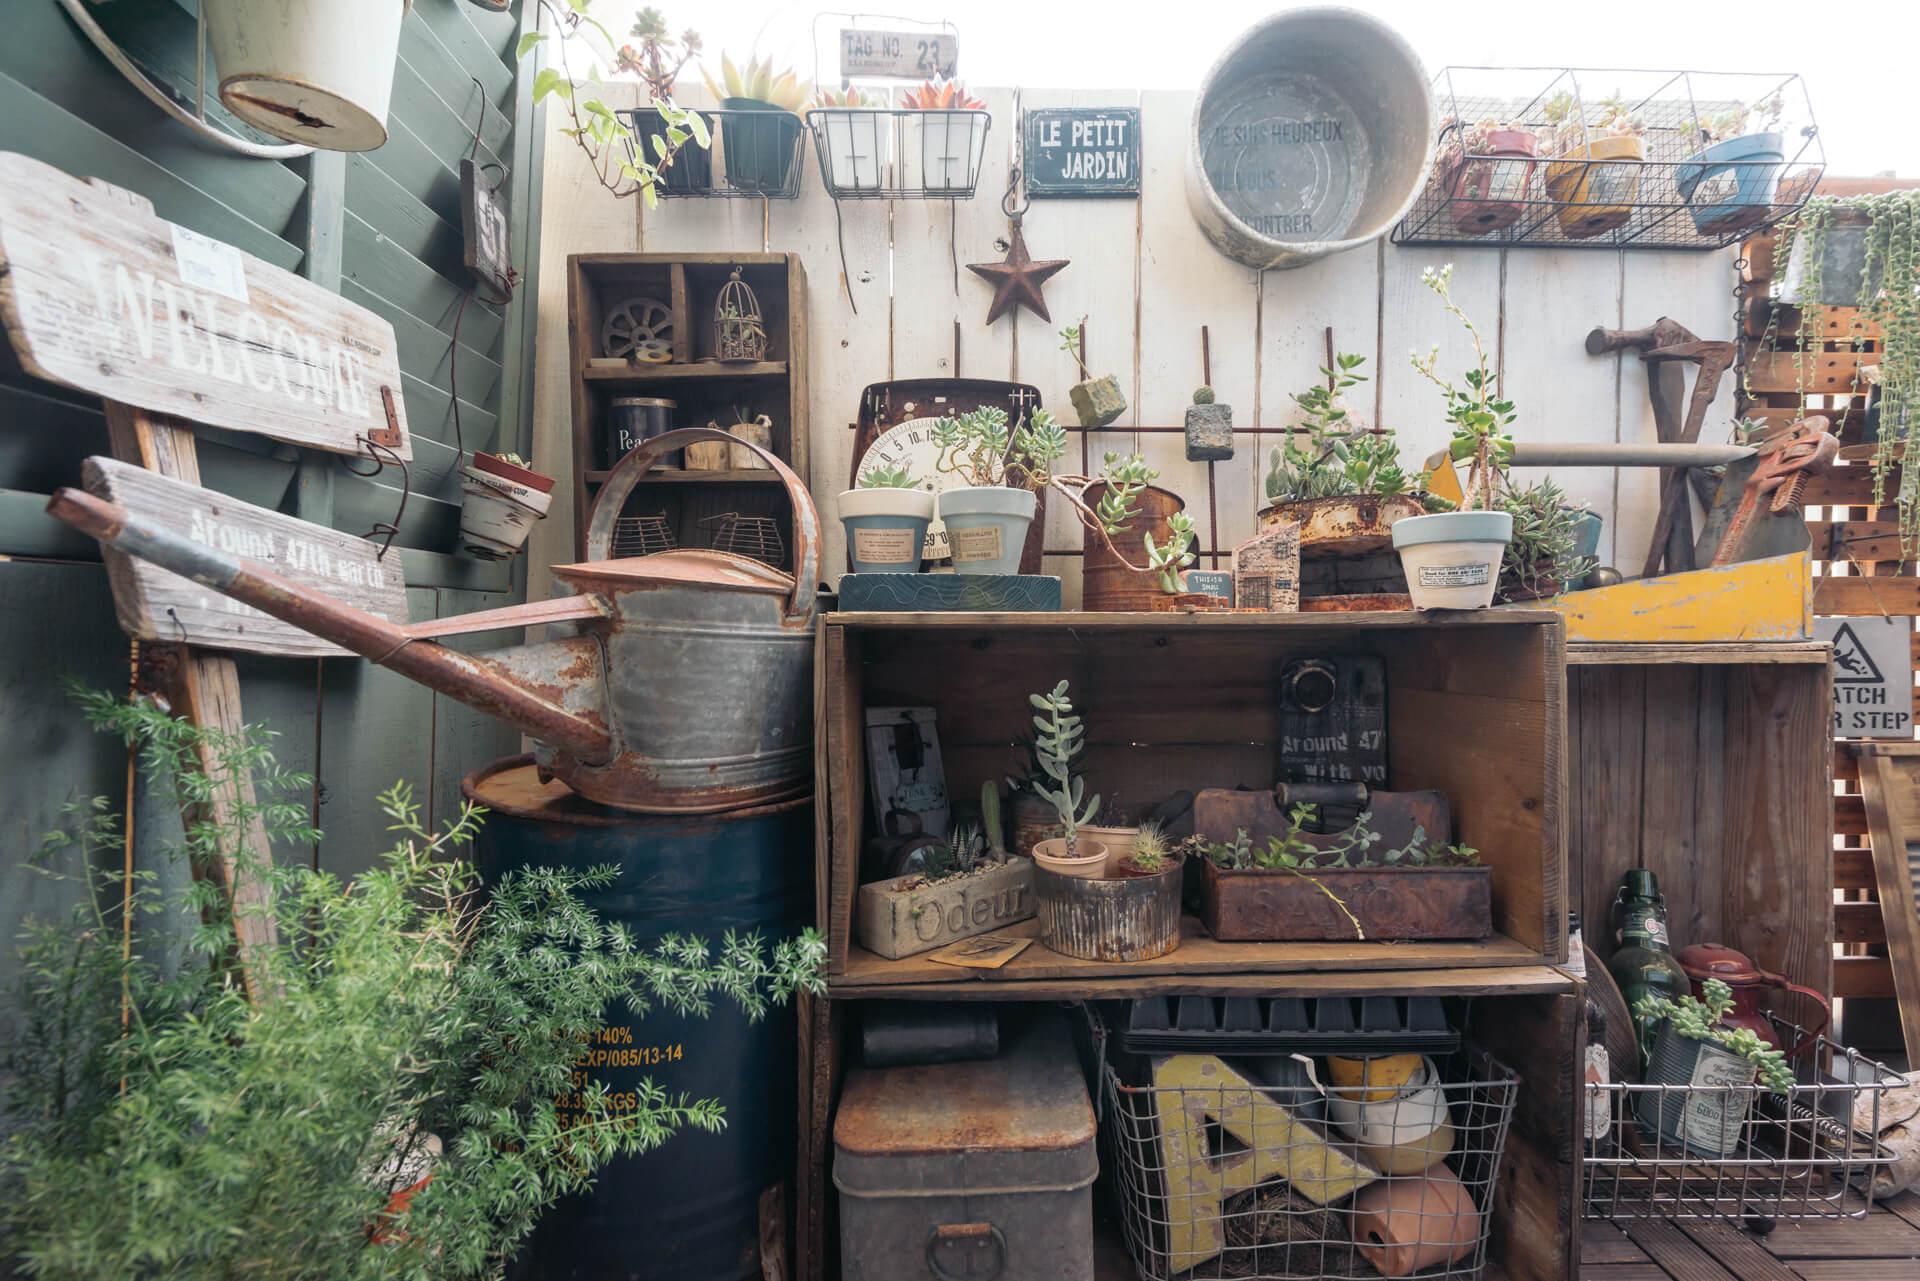 小さなベランダにも、グリーンとともにたくさんの雑貨が飾られていました。サッシに、結束バンドや専用の金具で、ラティスや板をくくりつけています。